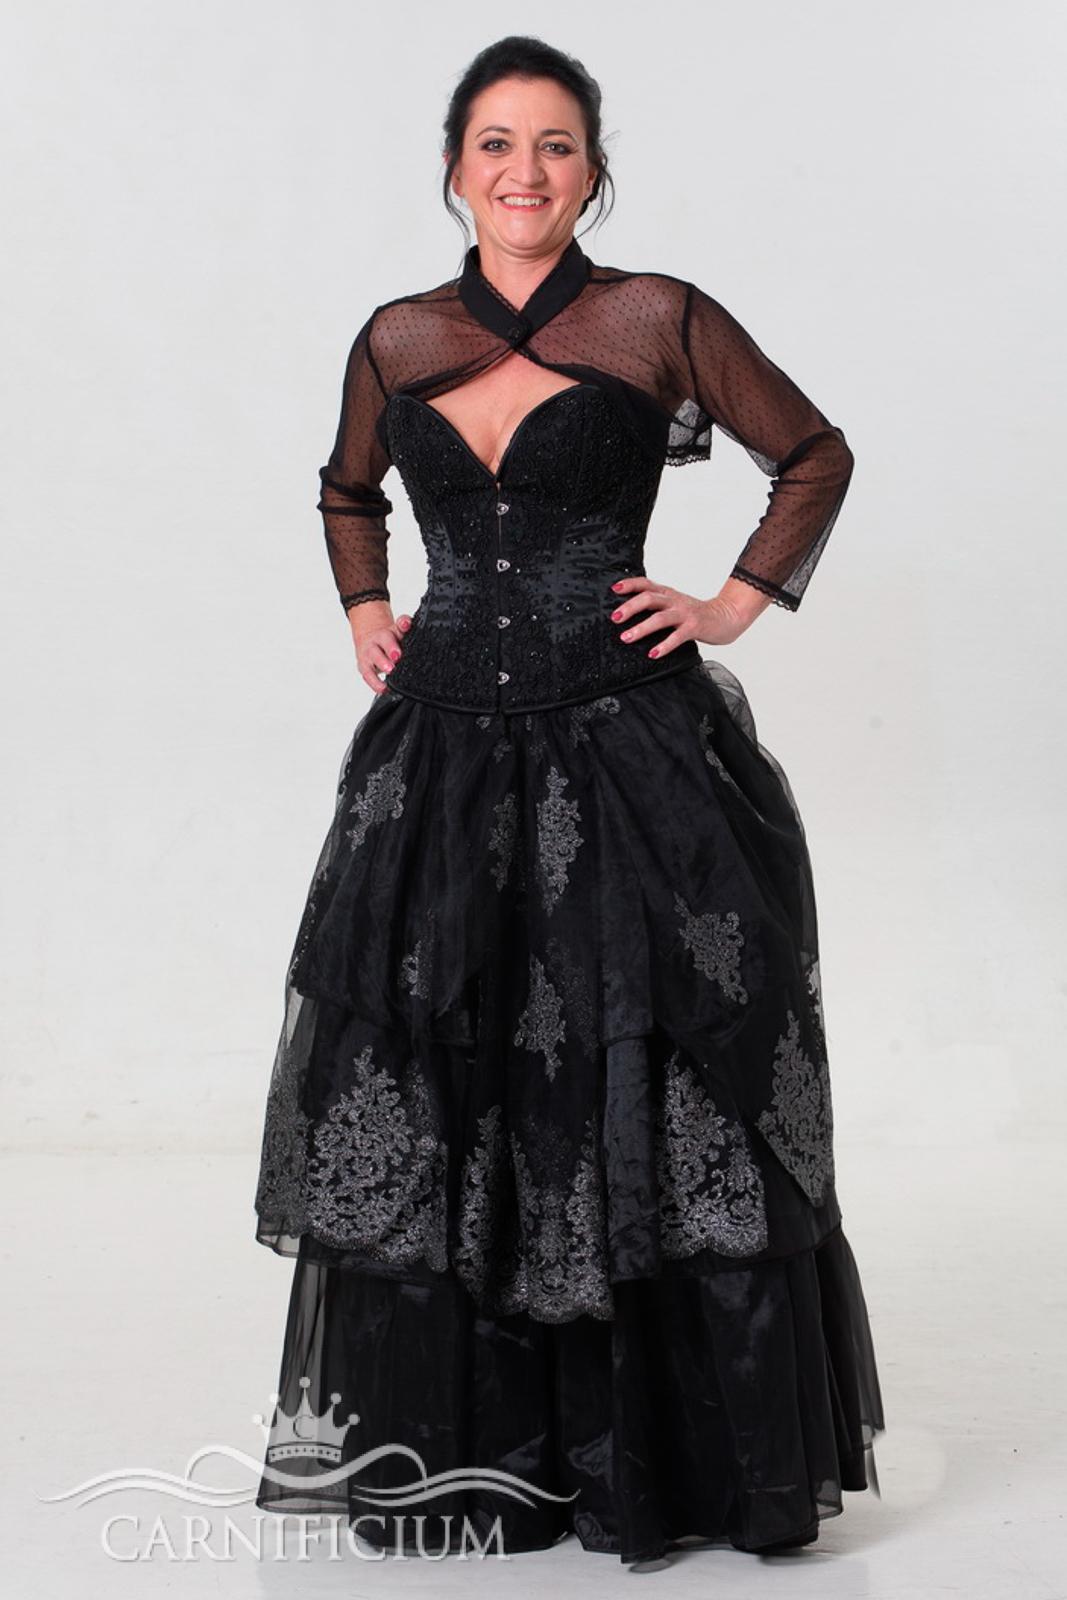 Hochzeitskleid in schwarz mit schwarzem Perlenkorsett und silbergrau schwarzem Korsett-carnificium